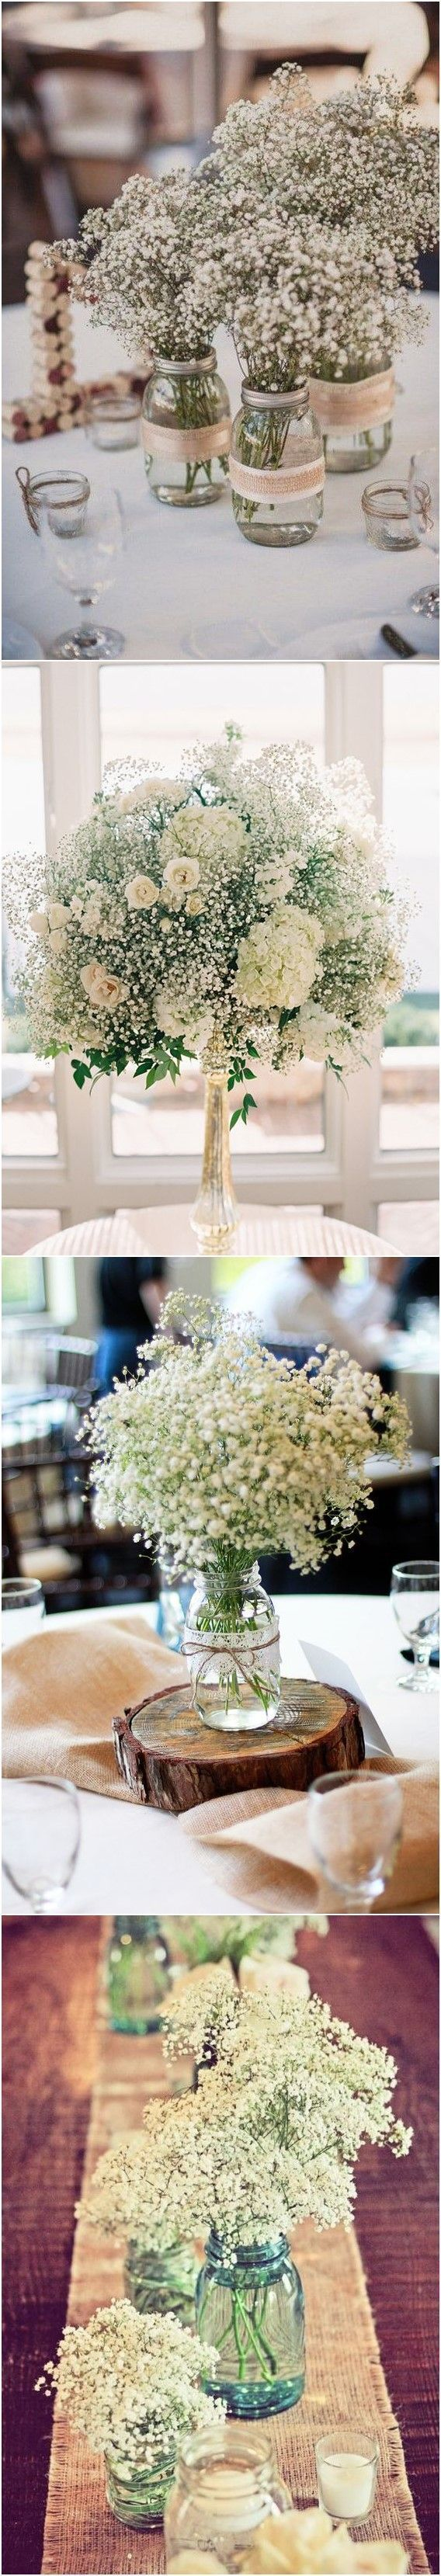 Wedding ideas for summer   Rustic Babyus Breath Wedding Centerpiece Decorations Ideas